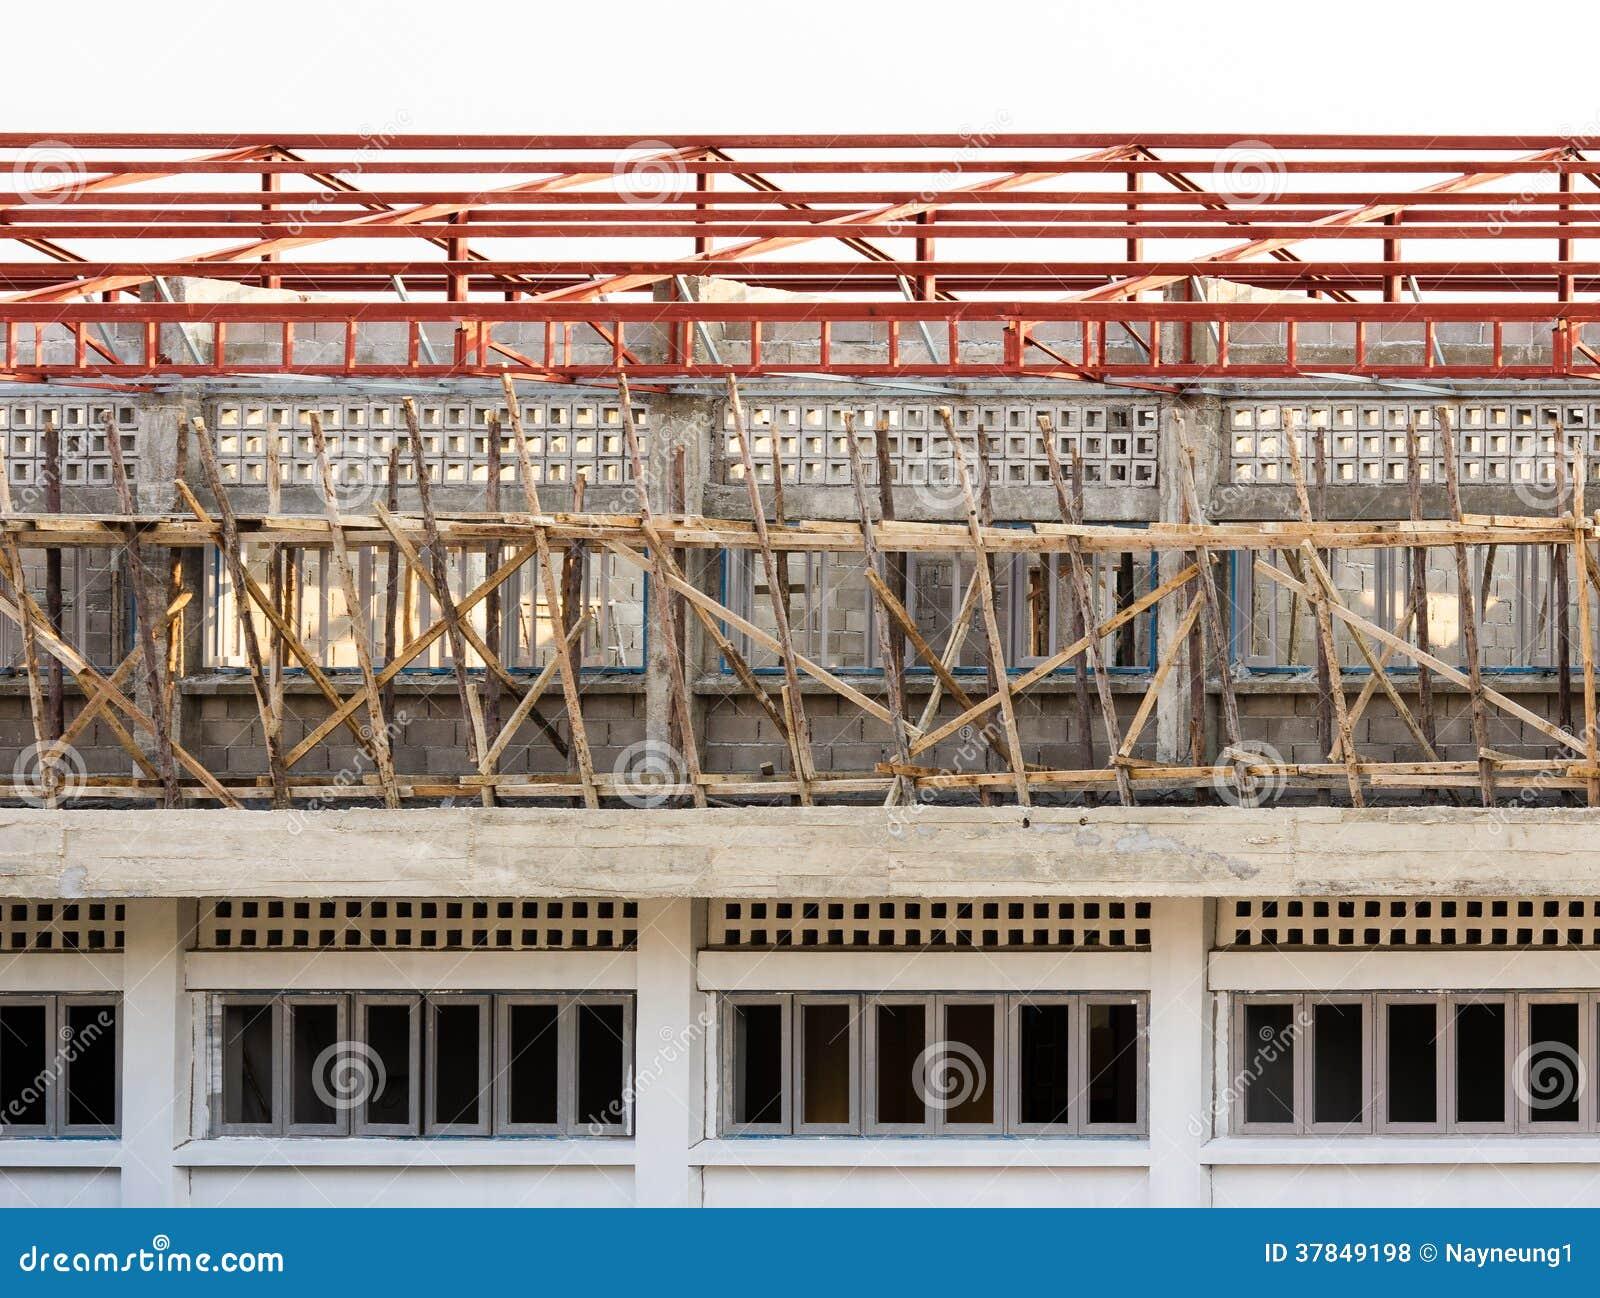 Chantier de b timent et de construction en cours photos for Cours construction batiment pdf